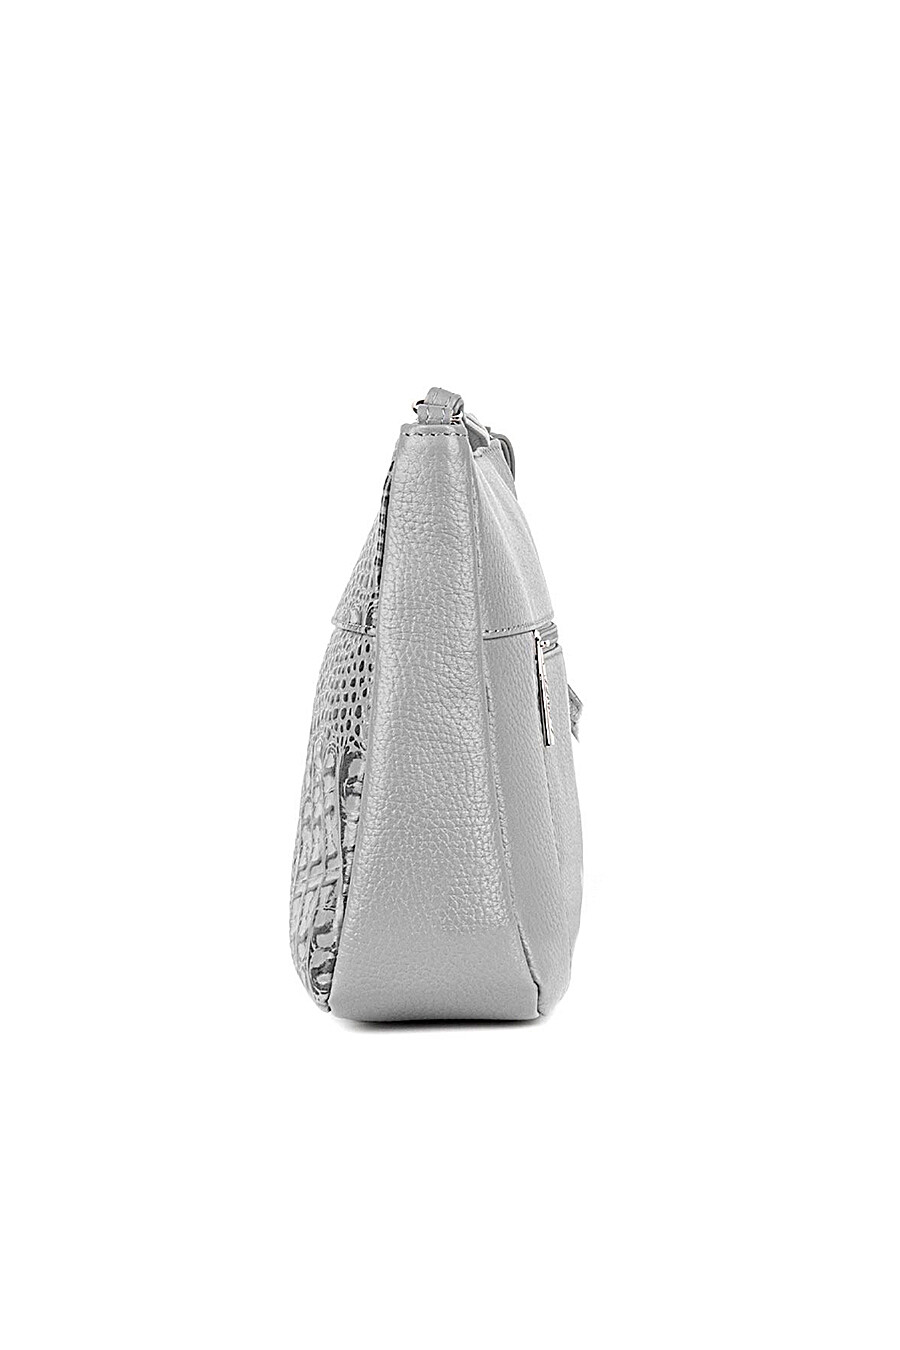 Сумка для женщин L-CRAFT 667897 купить оптом от производителя. Совместная покупка женской одежды в OptMoyo